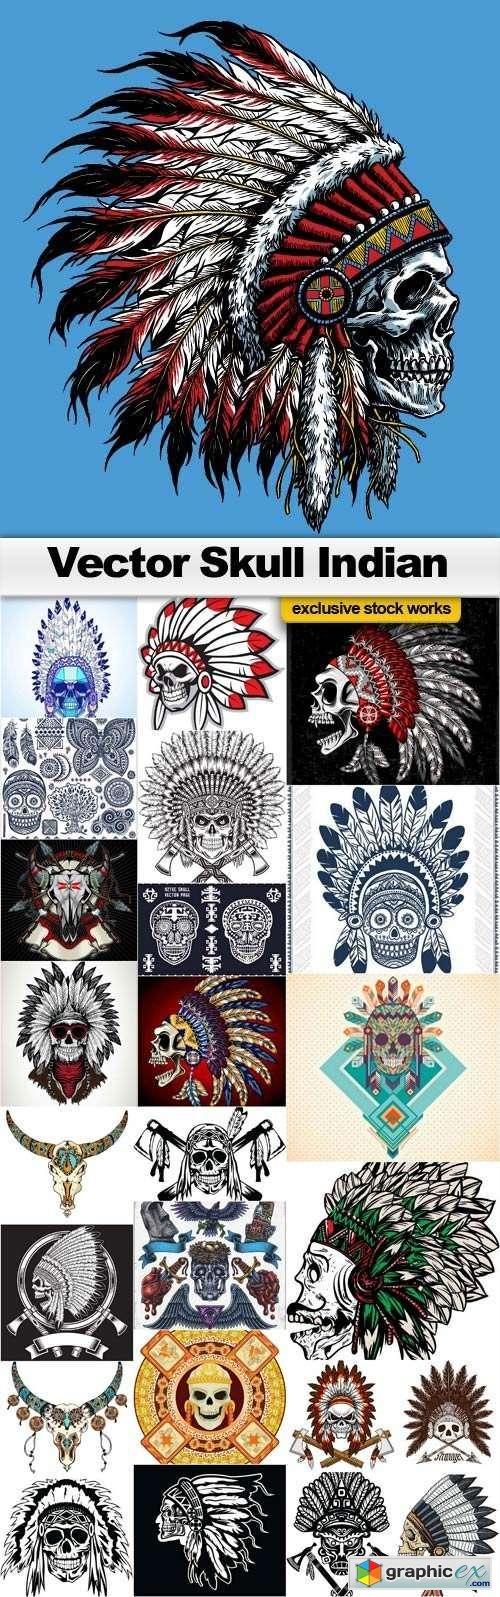 T shirt design 7 25xeps - Vector Skull Indian 25x Eps